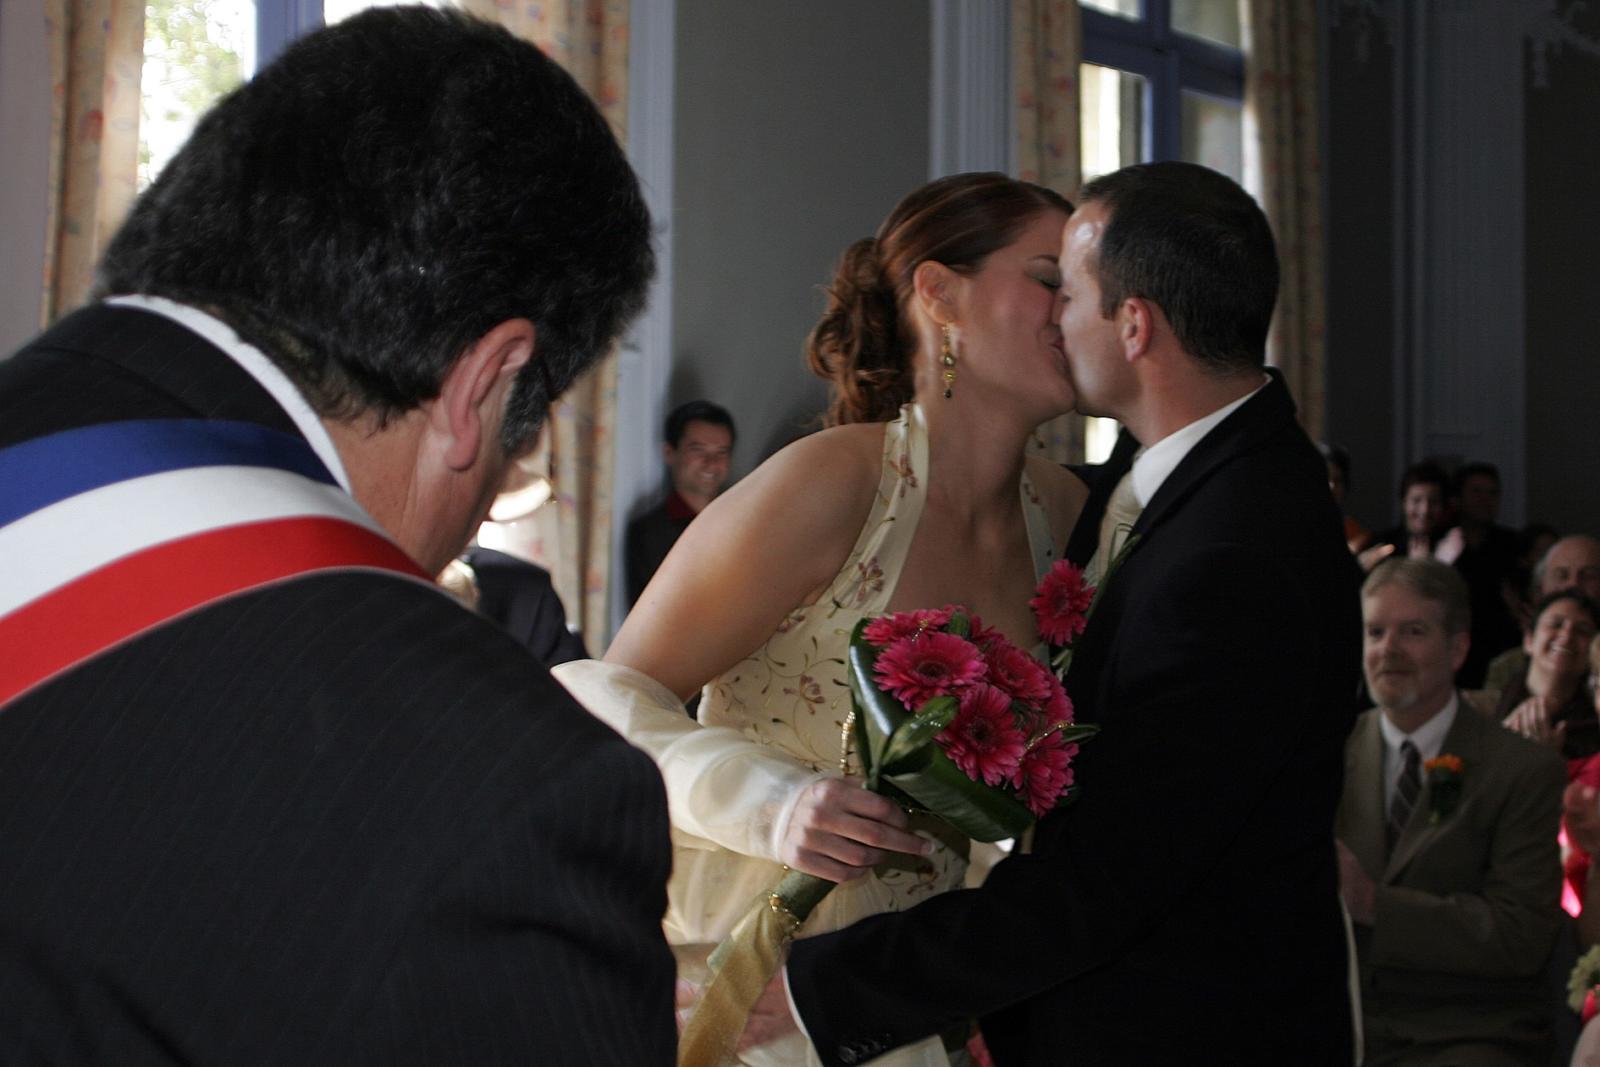 Jen's wedding in France